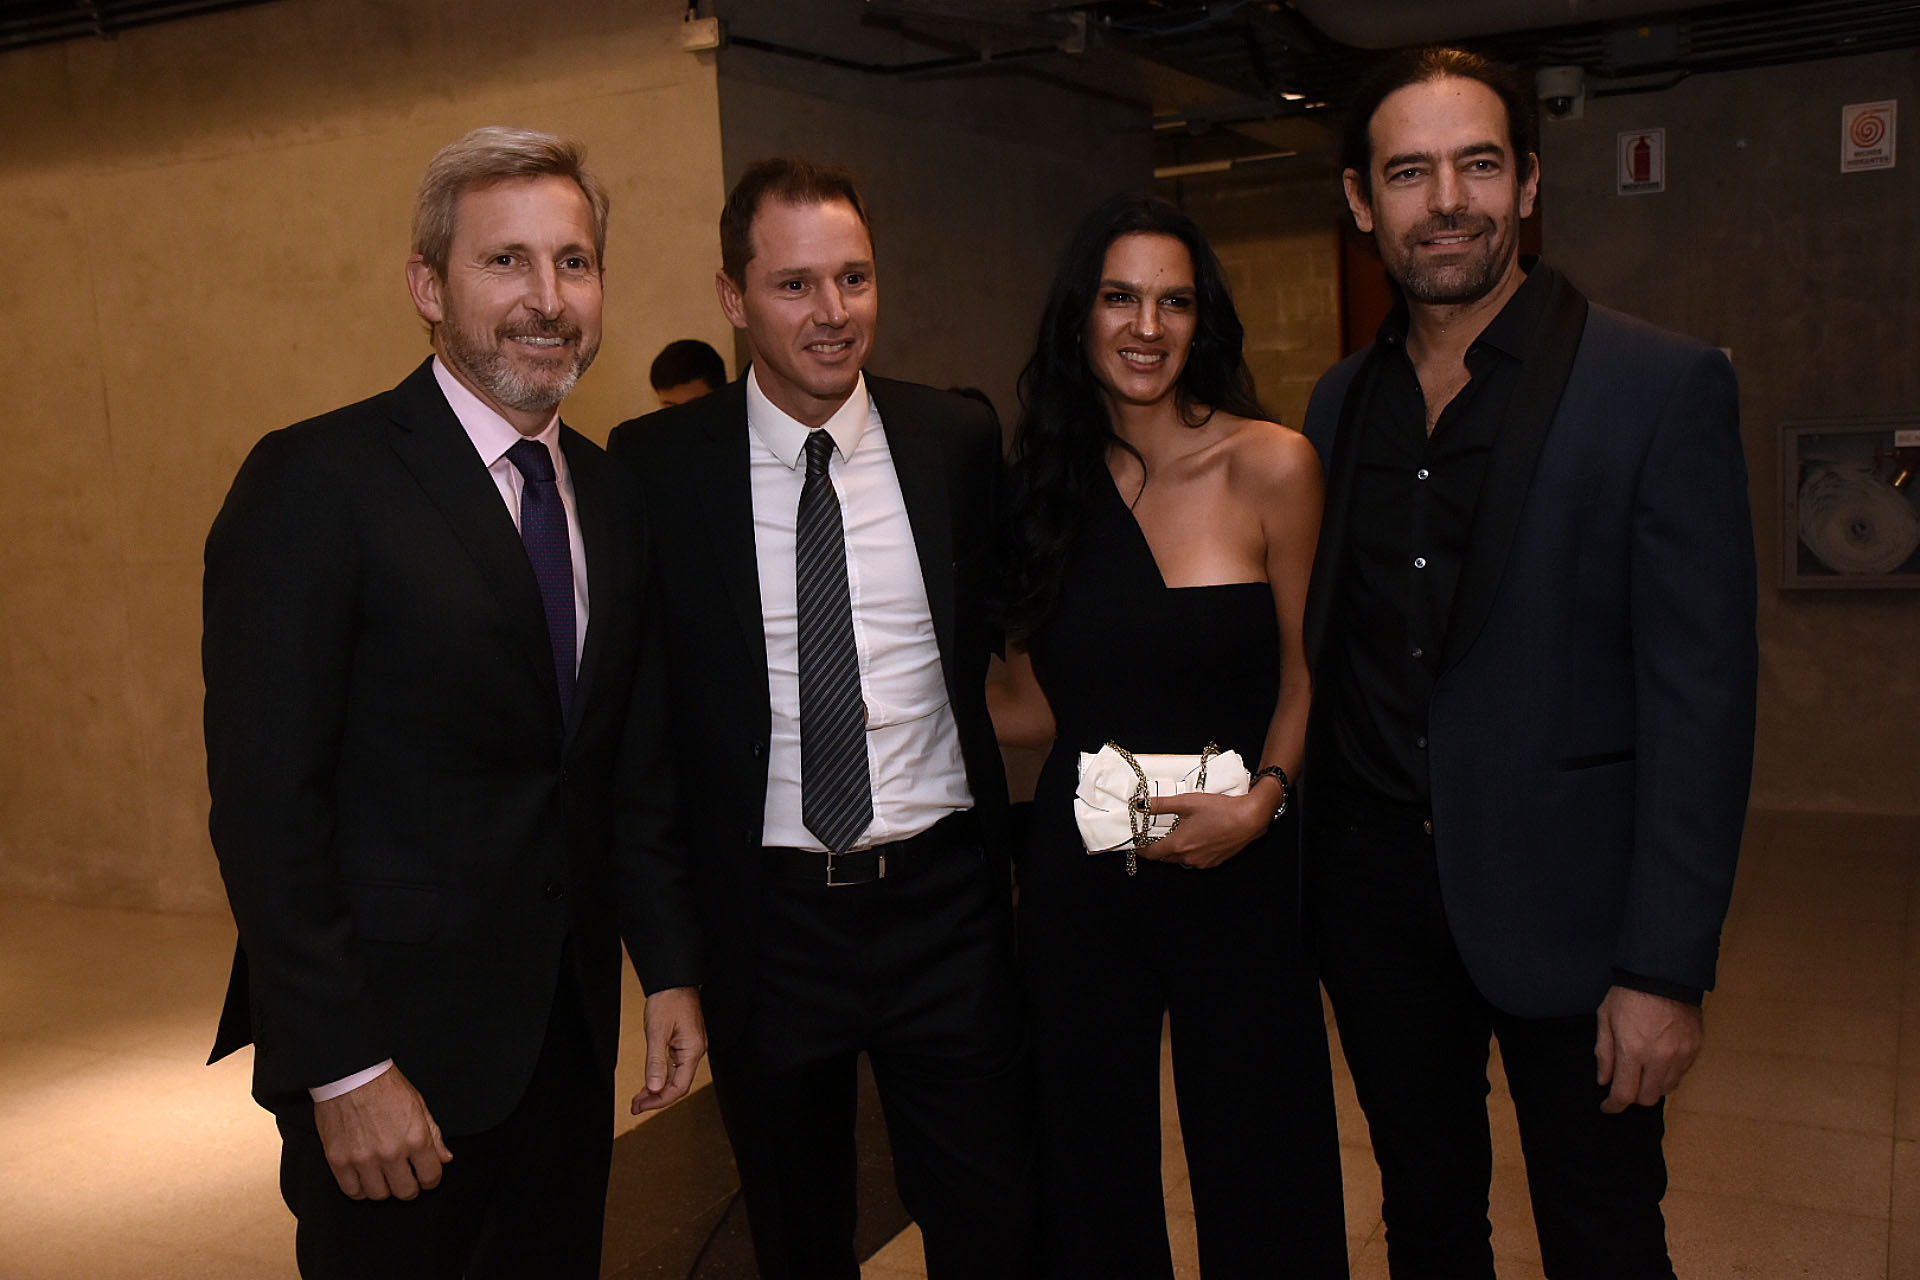 Rogelio Frigerio, Jorge Brito, Gabriela Vaca Guzman y Diego Finkelstein